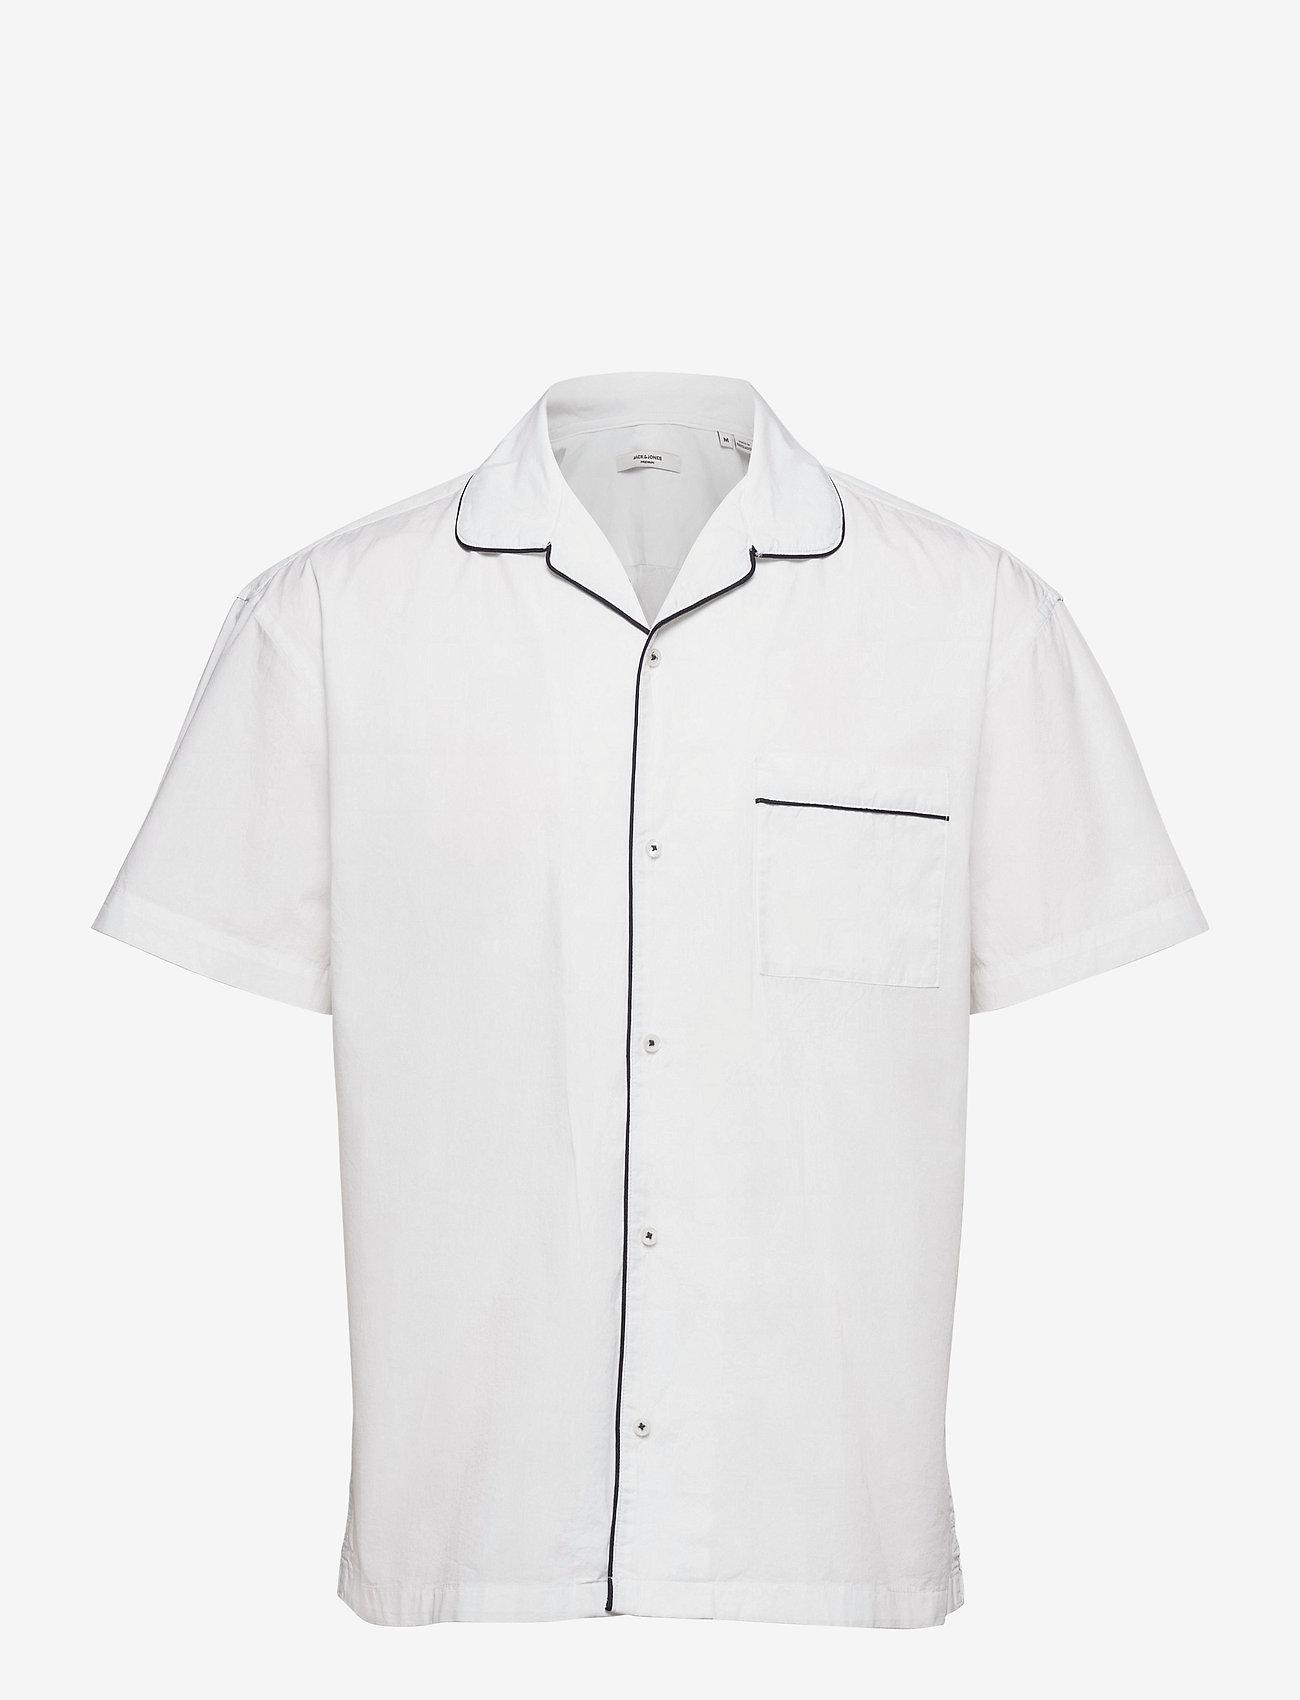 Jack & Jones - JPRBLAPIPING RESORT SHIRT S/S RELAX - kortärmade skjortor - white - 0